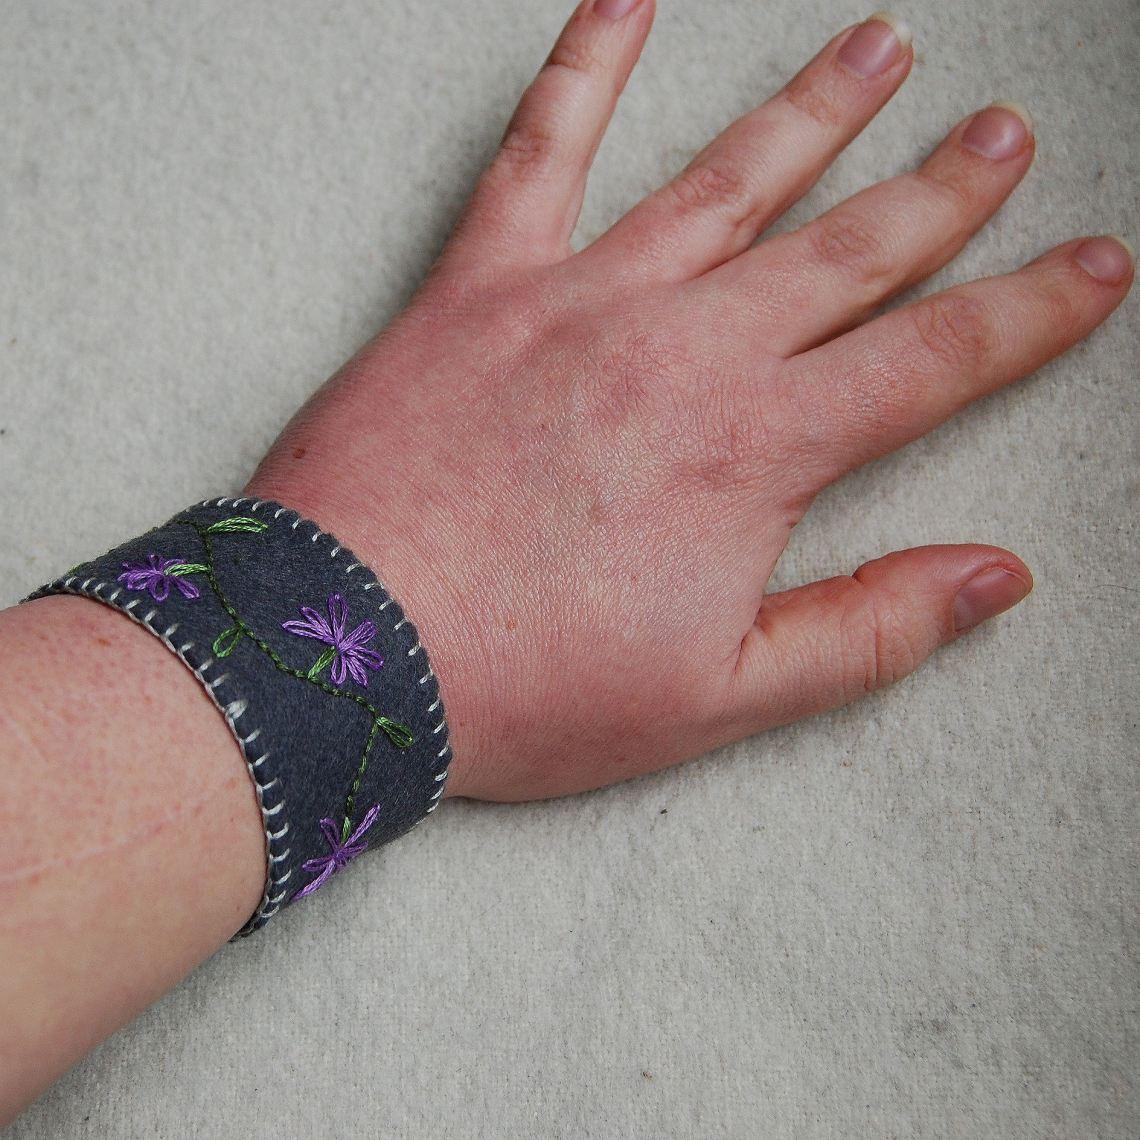 het prototype van de geborduurde armbanden van vilt zoals hij gedragen wordt door studio paars